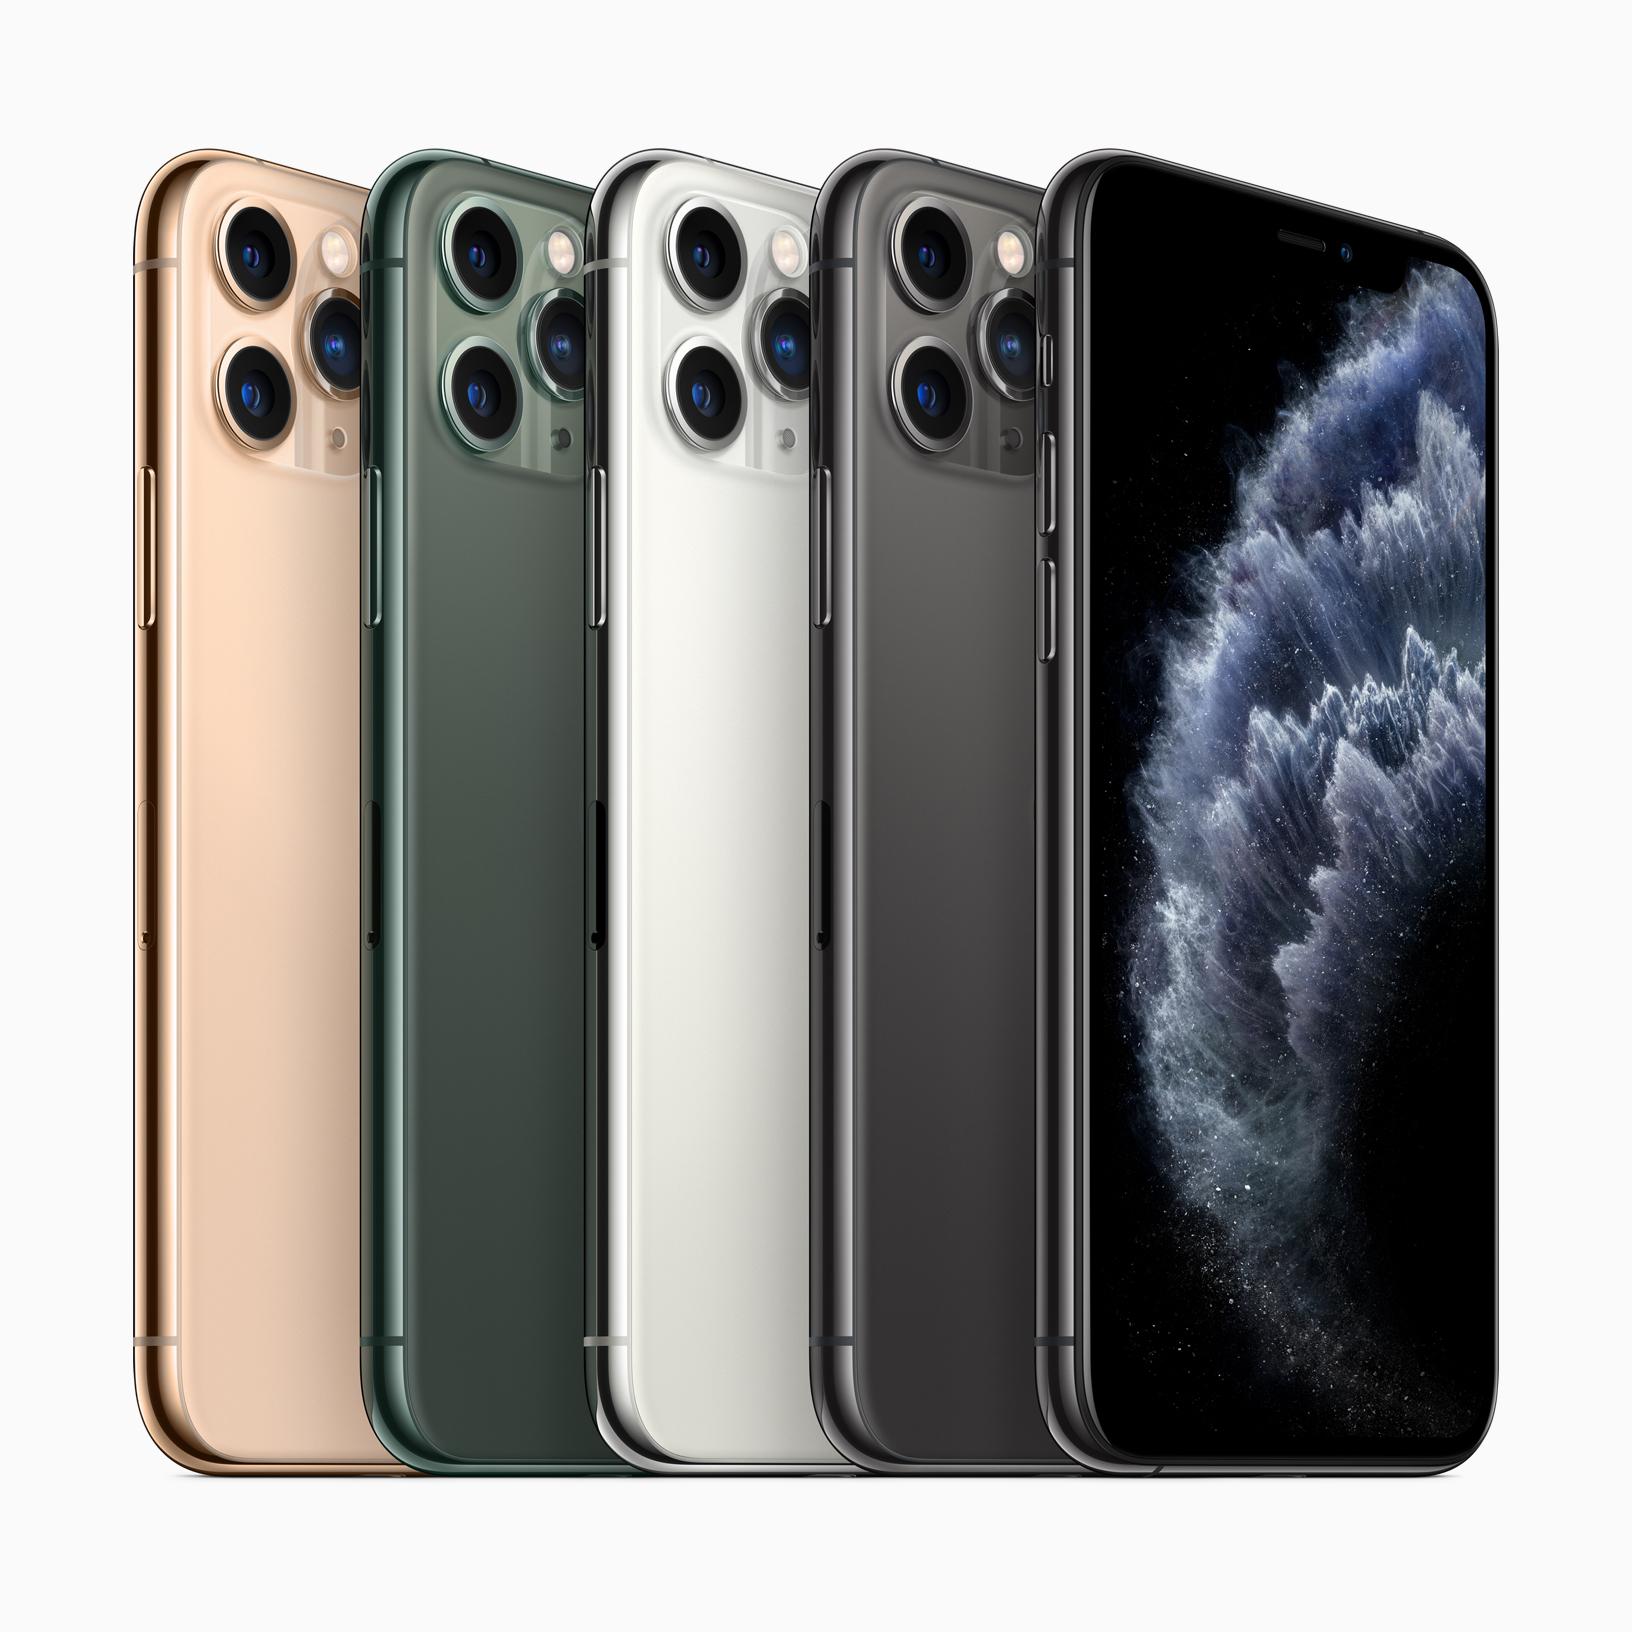 Das iPhone 11 Pro.